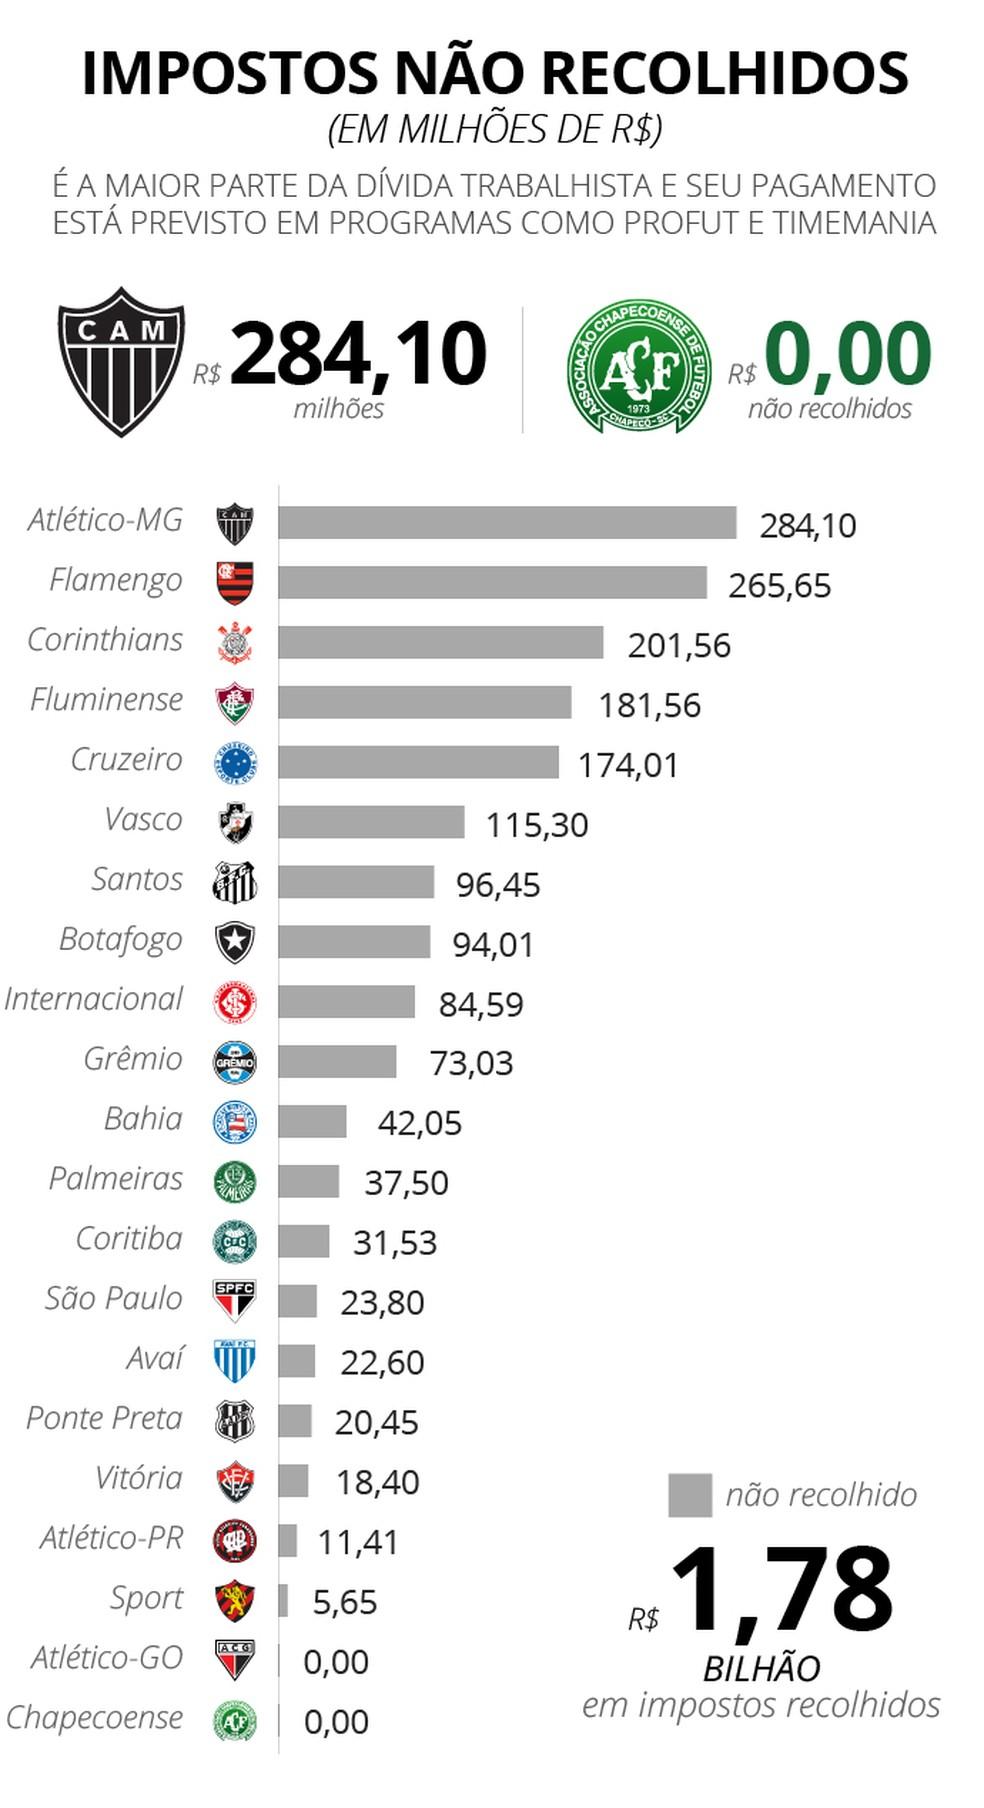 Clubes contam com ajuda de programas como o Profut para parcelar a dívida por impostos não recolhidos (Foto: infoesporte)